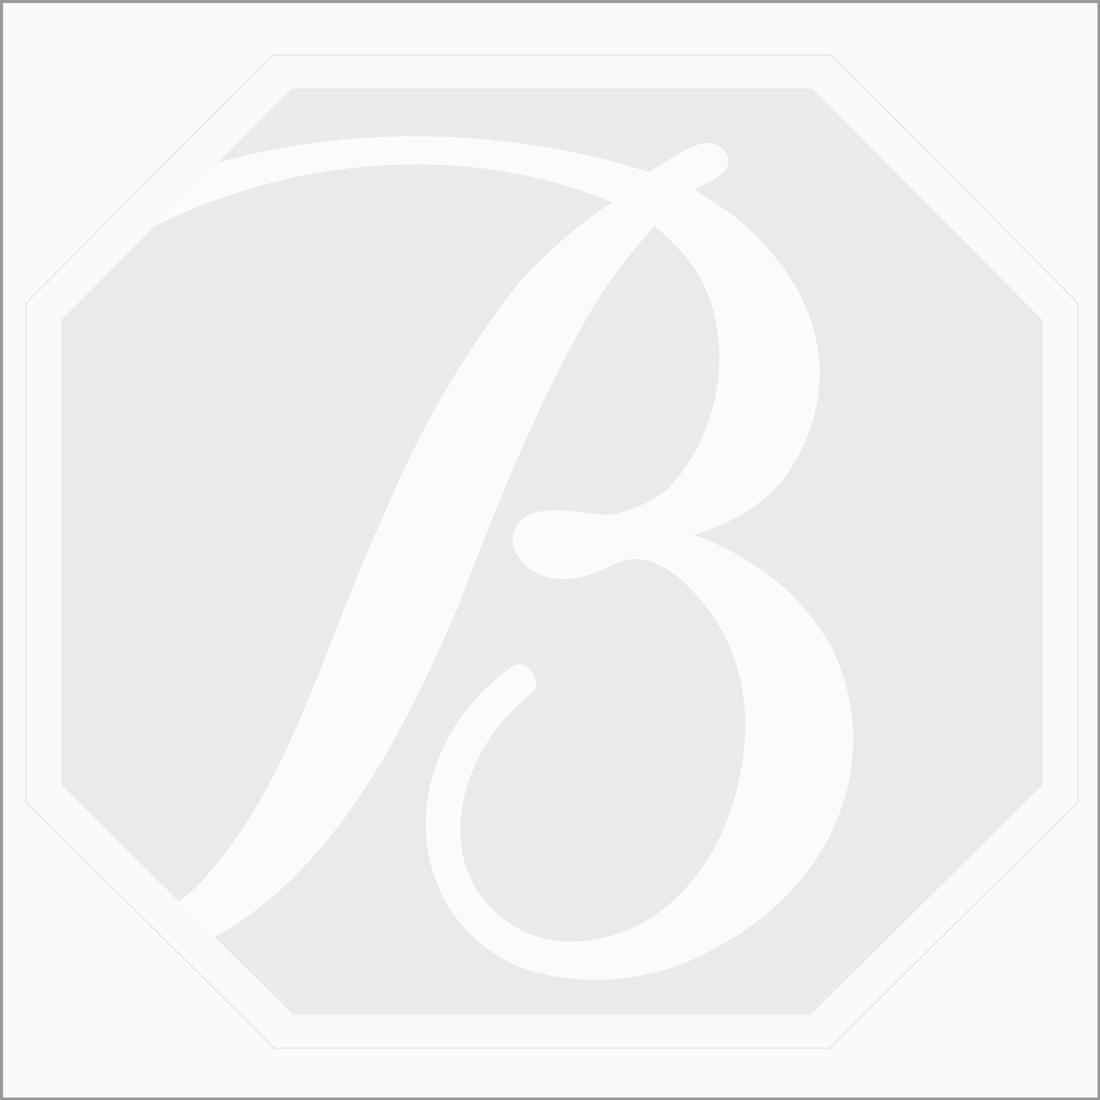 2 Pcs - Yellow Tourmaline Rose Cuts - 12.1 ct. - 15.5 x 13 x 3.4 mm & 16.3 x 13.4 x 3.6 mm (TRC1054)